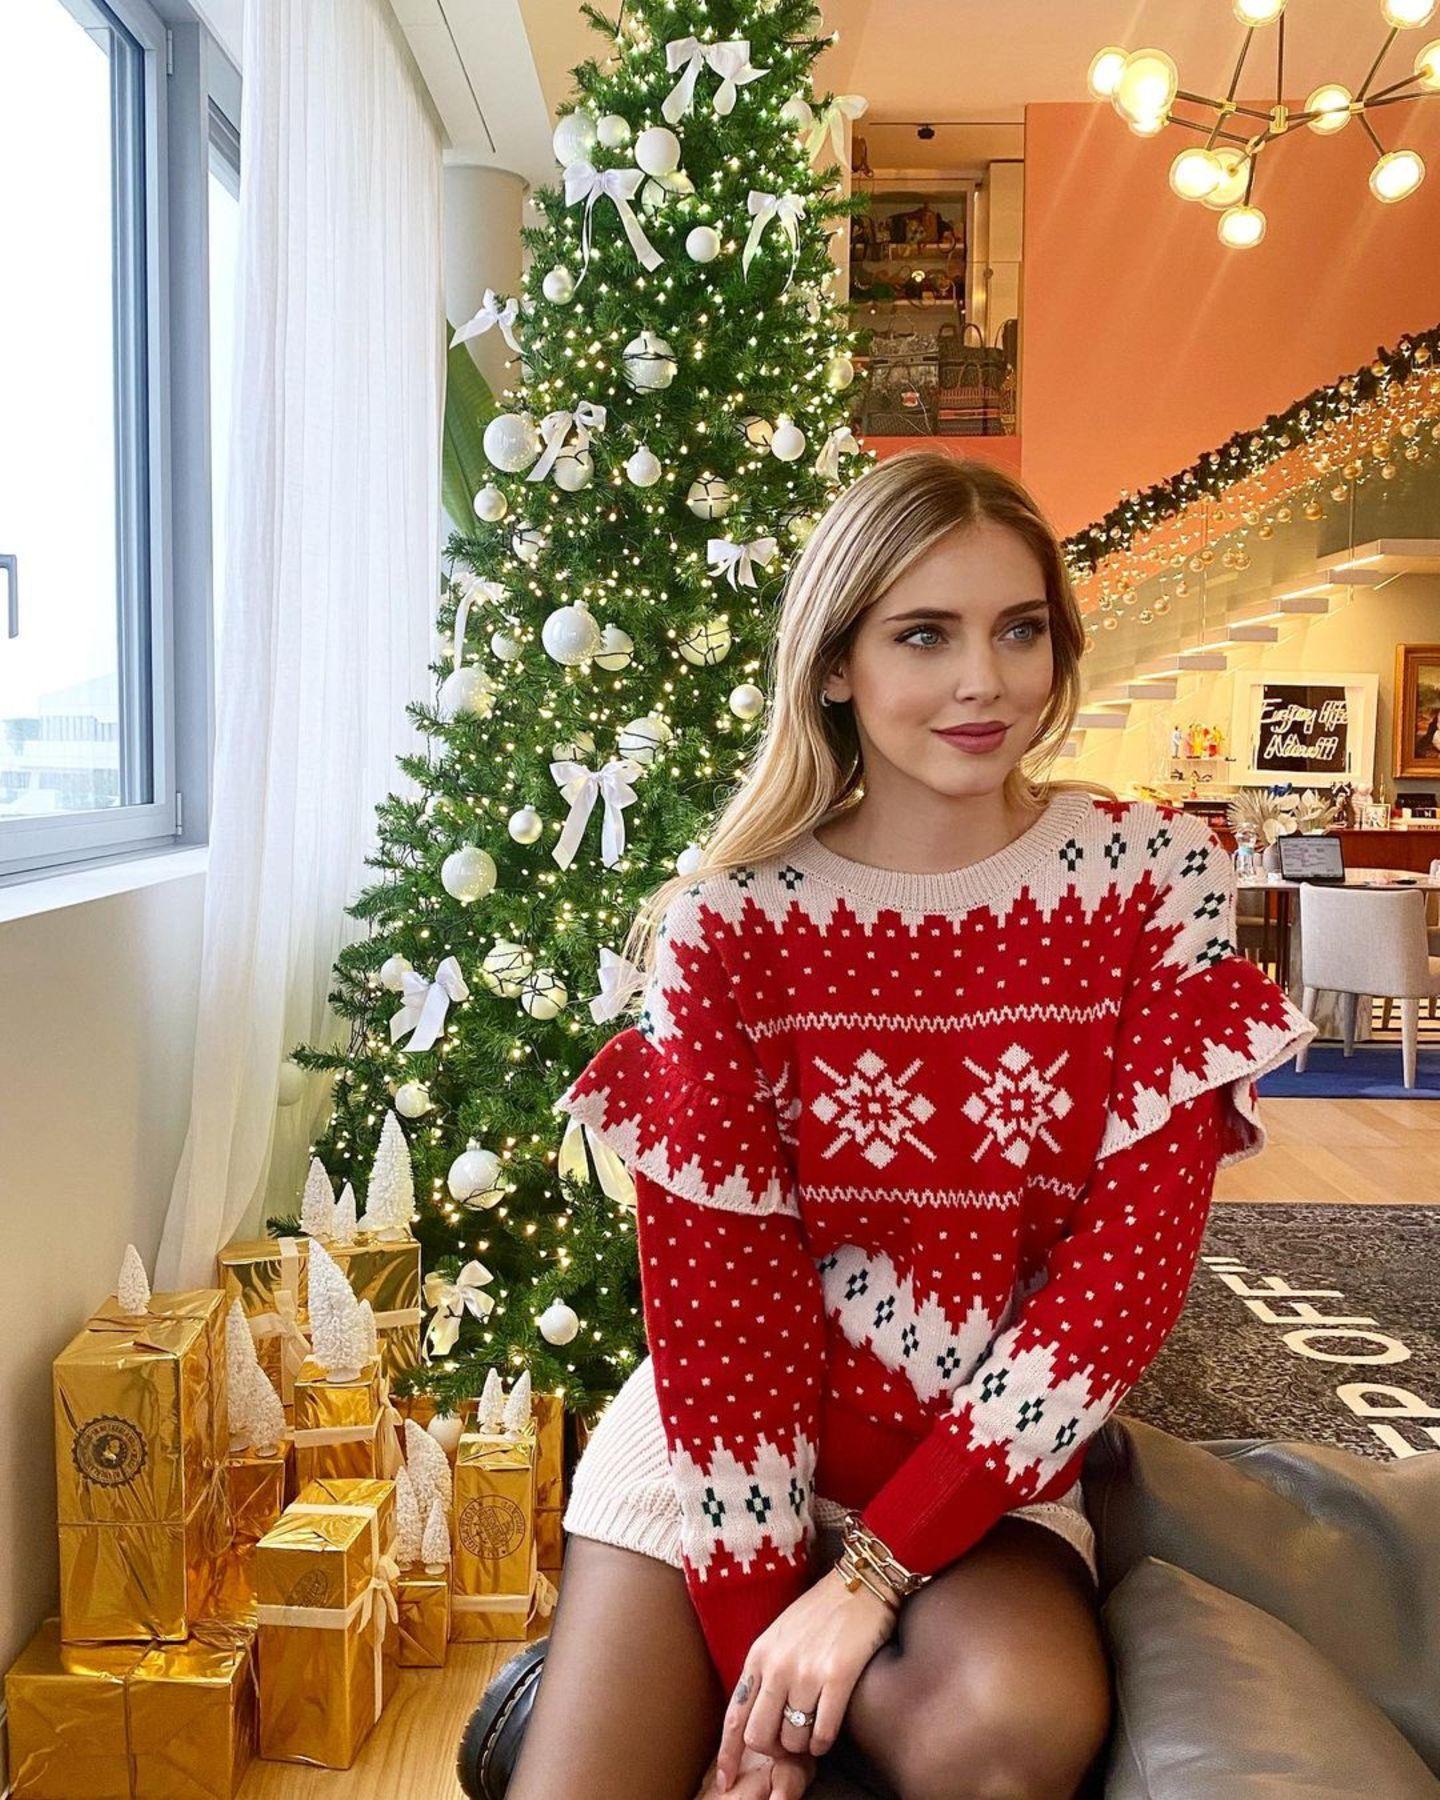 """Bei Chiara Ferragni könnte heute schon das Fest der Liebe gefeiert werden. Anfang Dezember verspürt sie schon die """"Christmas Vibes"""". Kein Wunder, bei dieser Dekoration und dem kuscheligen Weihnachtsoutfit."""